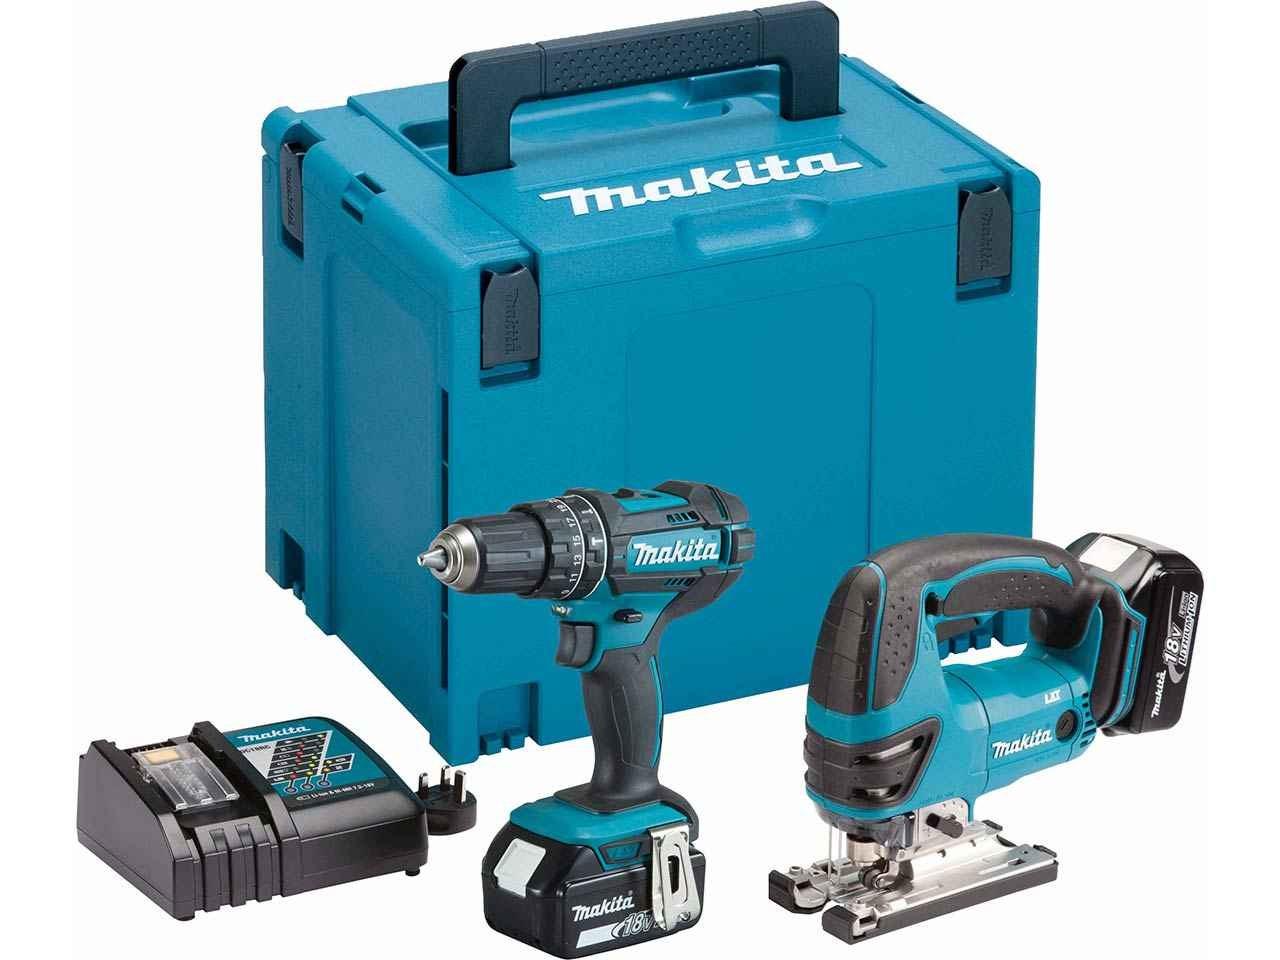 makita dlx2134mj 18v 2x4ah lxt li ion combi drill and jigsaw kit. Black Bedroom Furniture Sets. Home Design Ideas